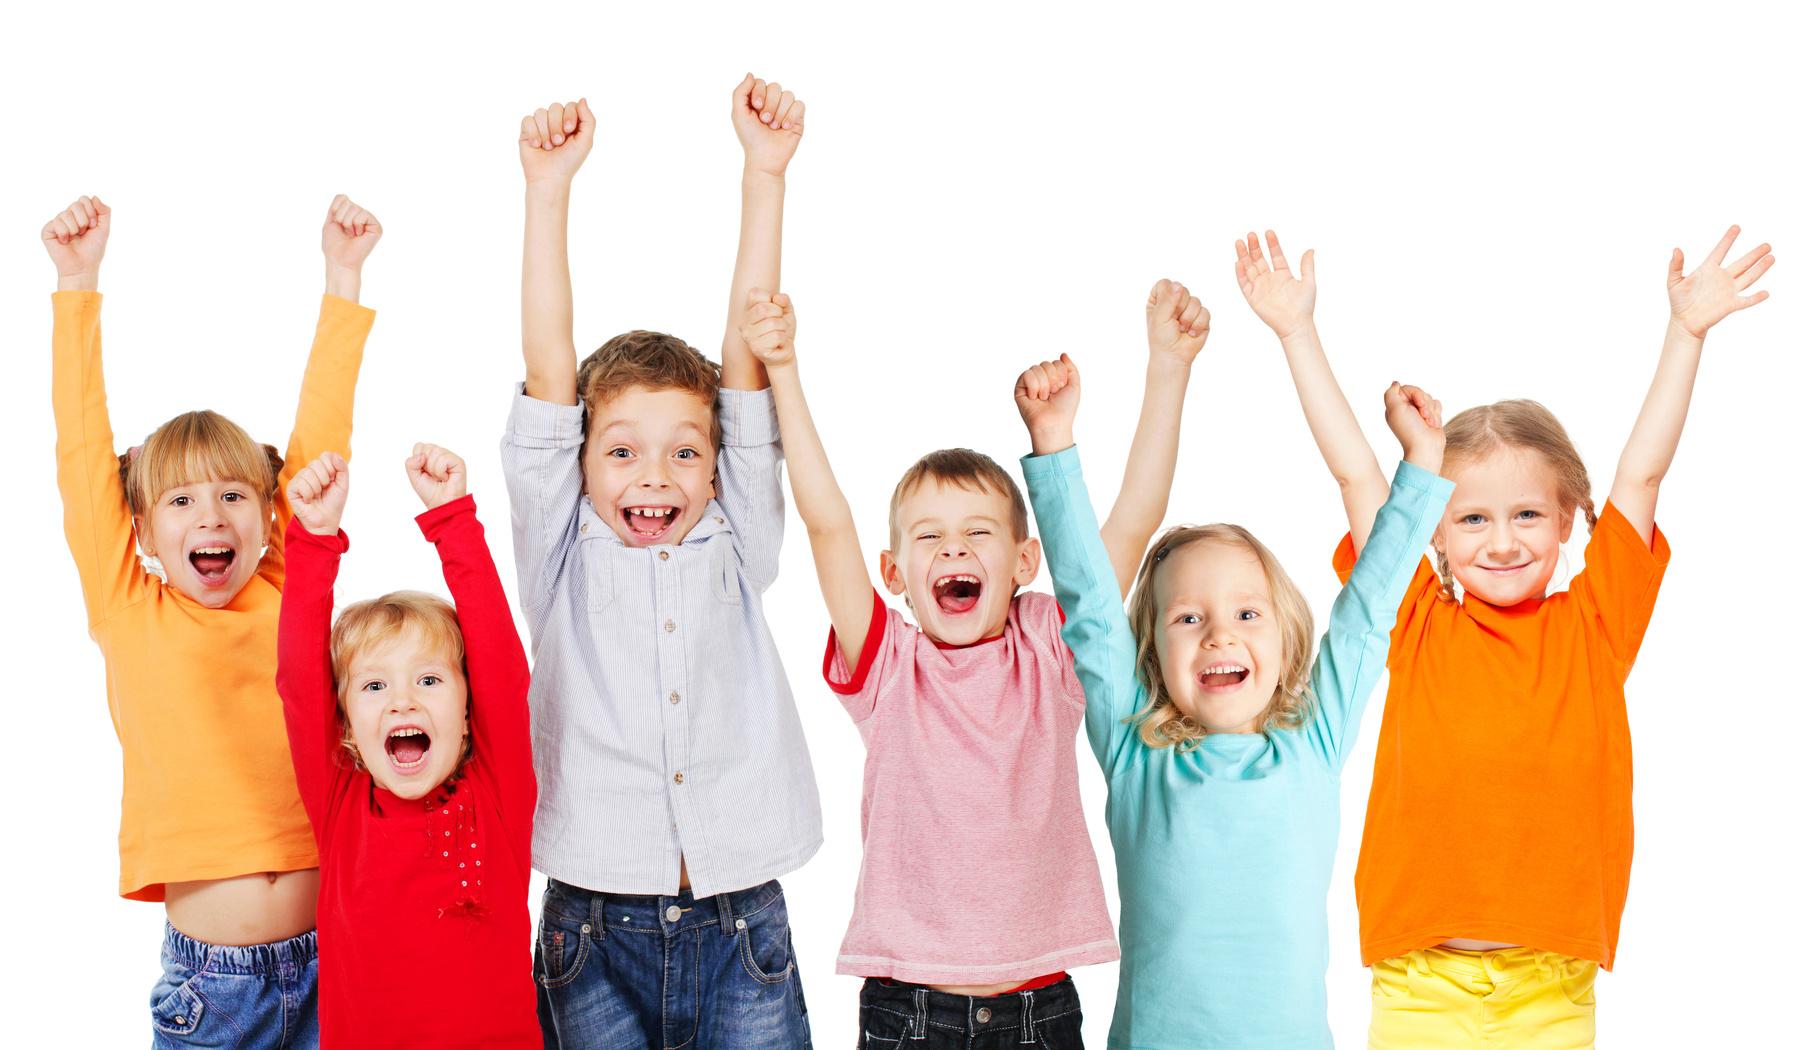 bibbiano bambini cosa � successo - photo #42